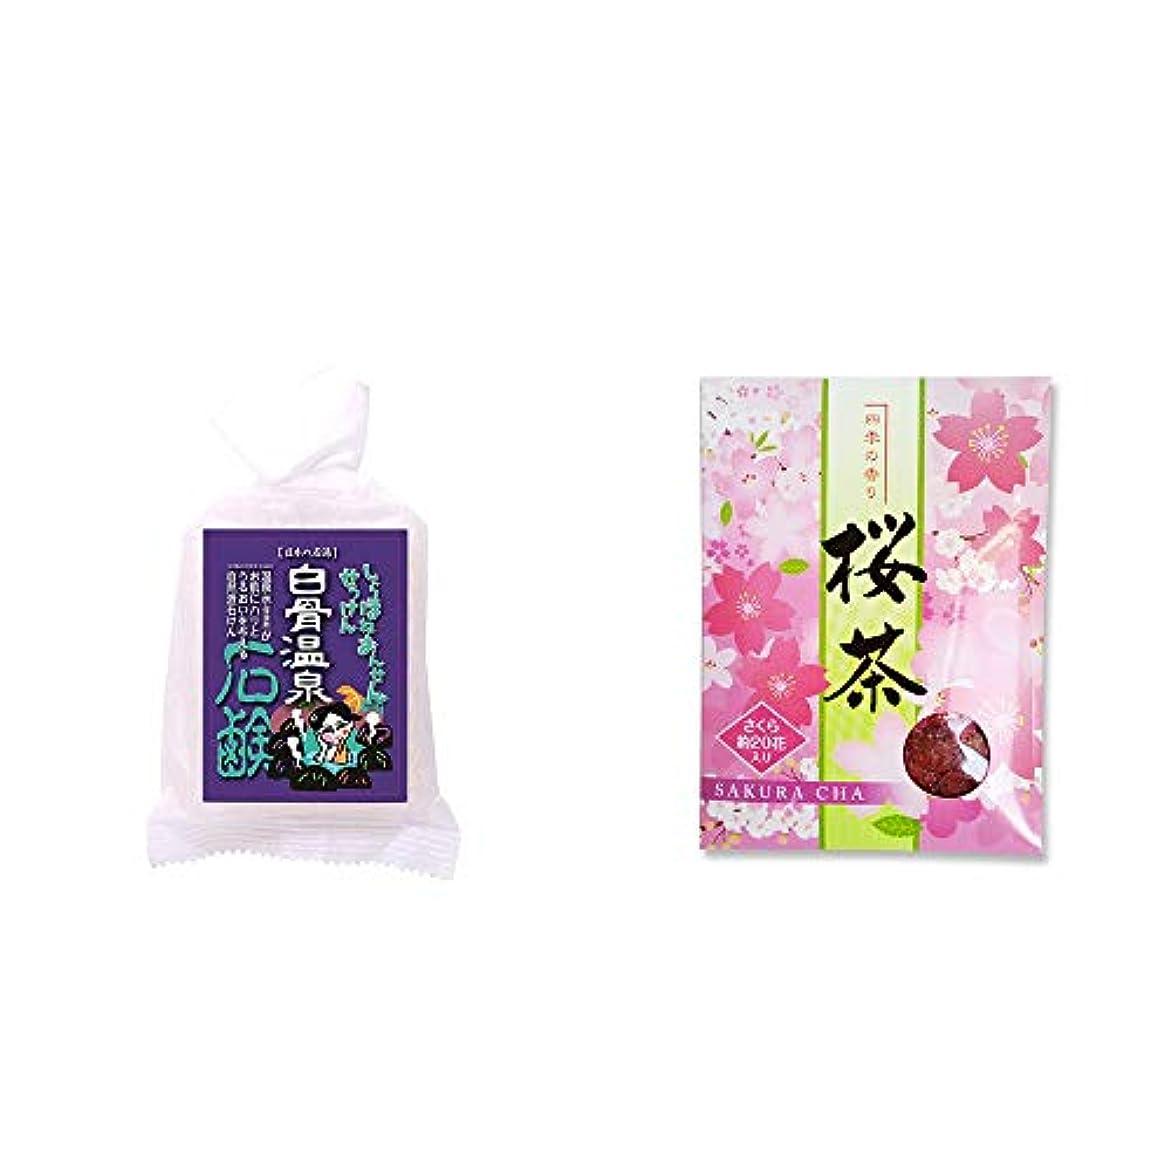 素晴らしき受ける高潔な[2点セット] 信州 白骨温泉石鹸(80g)?桜茶(40g)